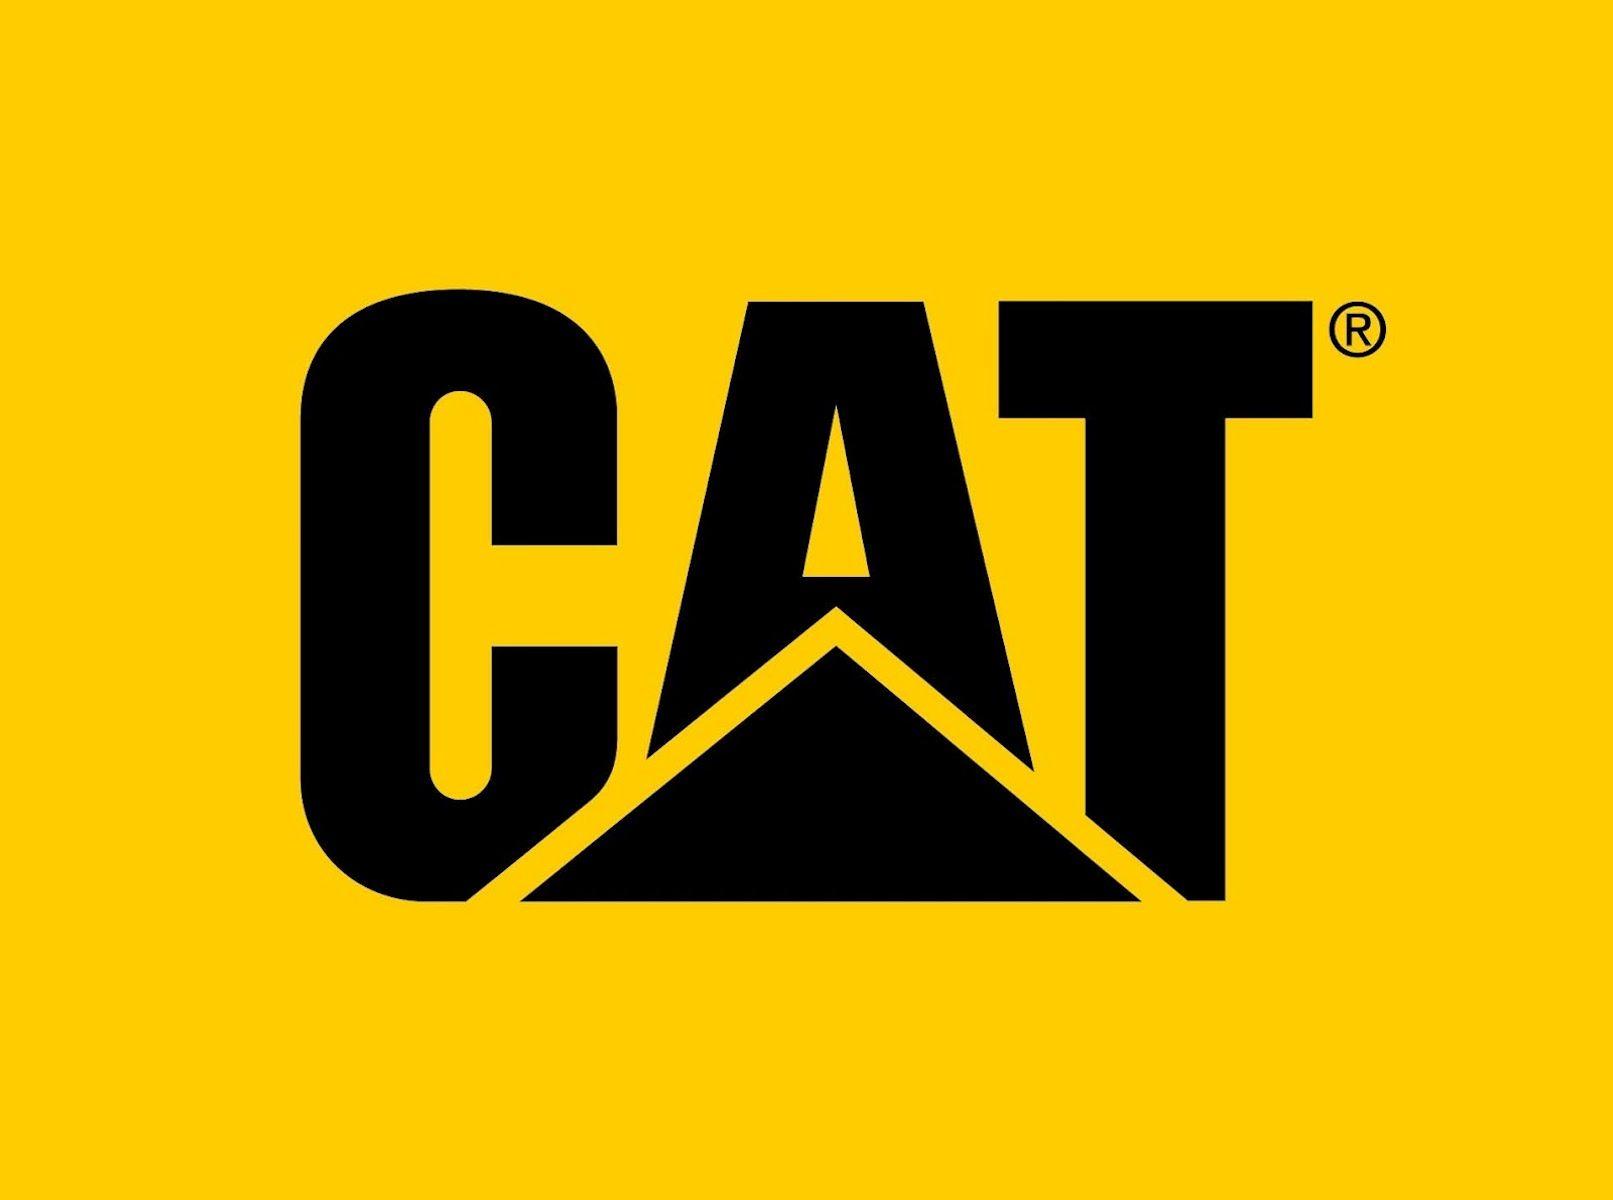 CATerpillar Logo HD Wallpaper.